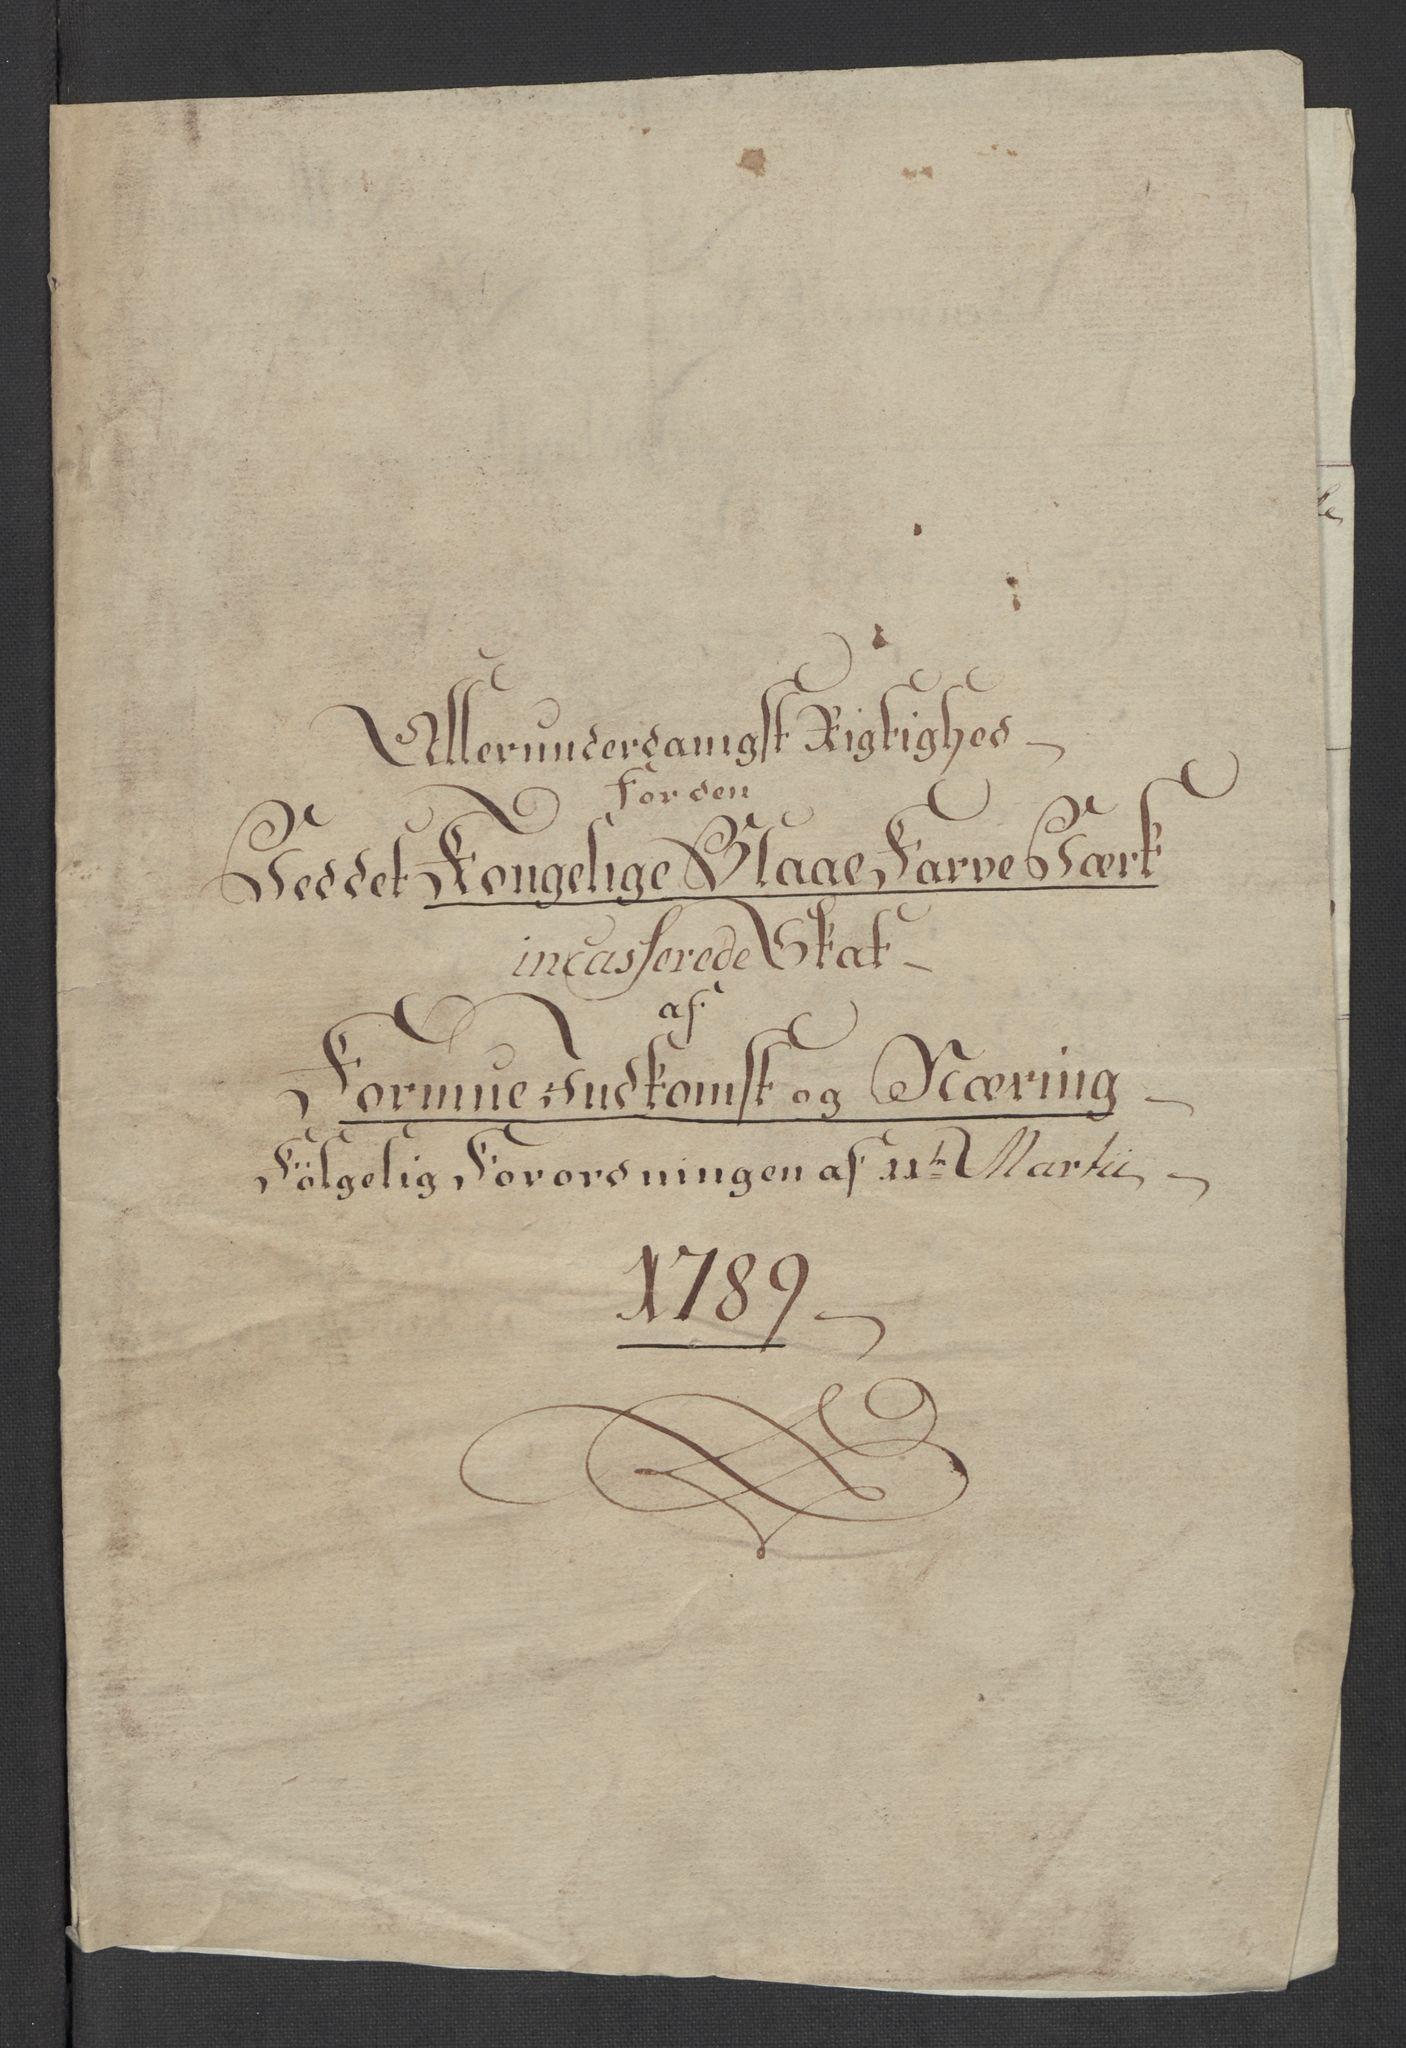 RA, Rentekammeret inntil 1814, Reviderte regnskaper, Mindre regnskaper, Rf/Rfe/L0024: Modum Blåfarvevverk, Molde, Moss, 1789, s. 3